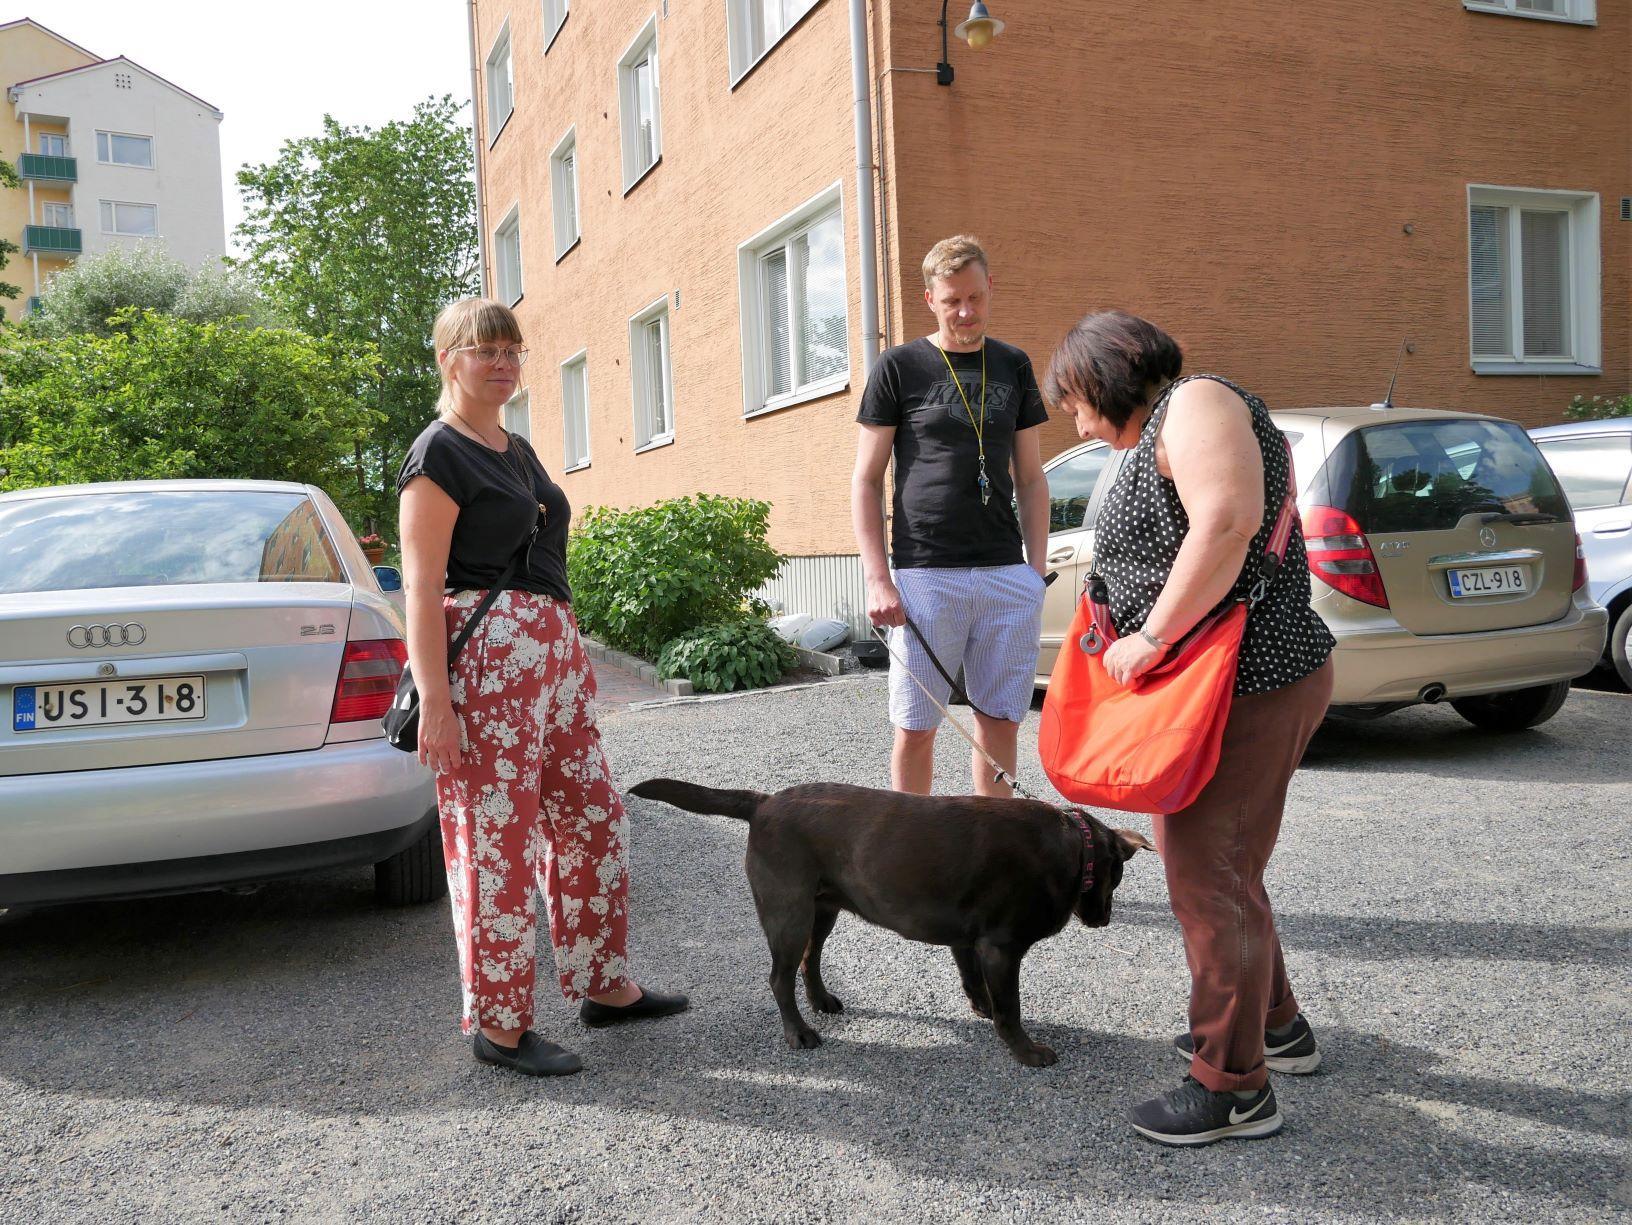 tre personer står och pratar på en parkeringsplats